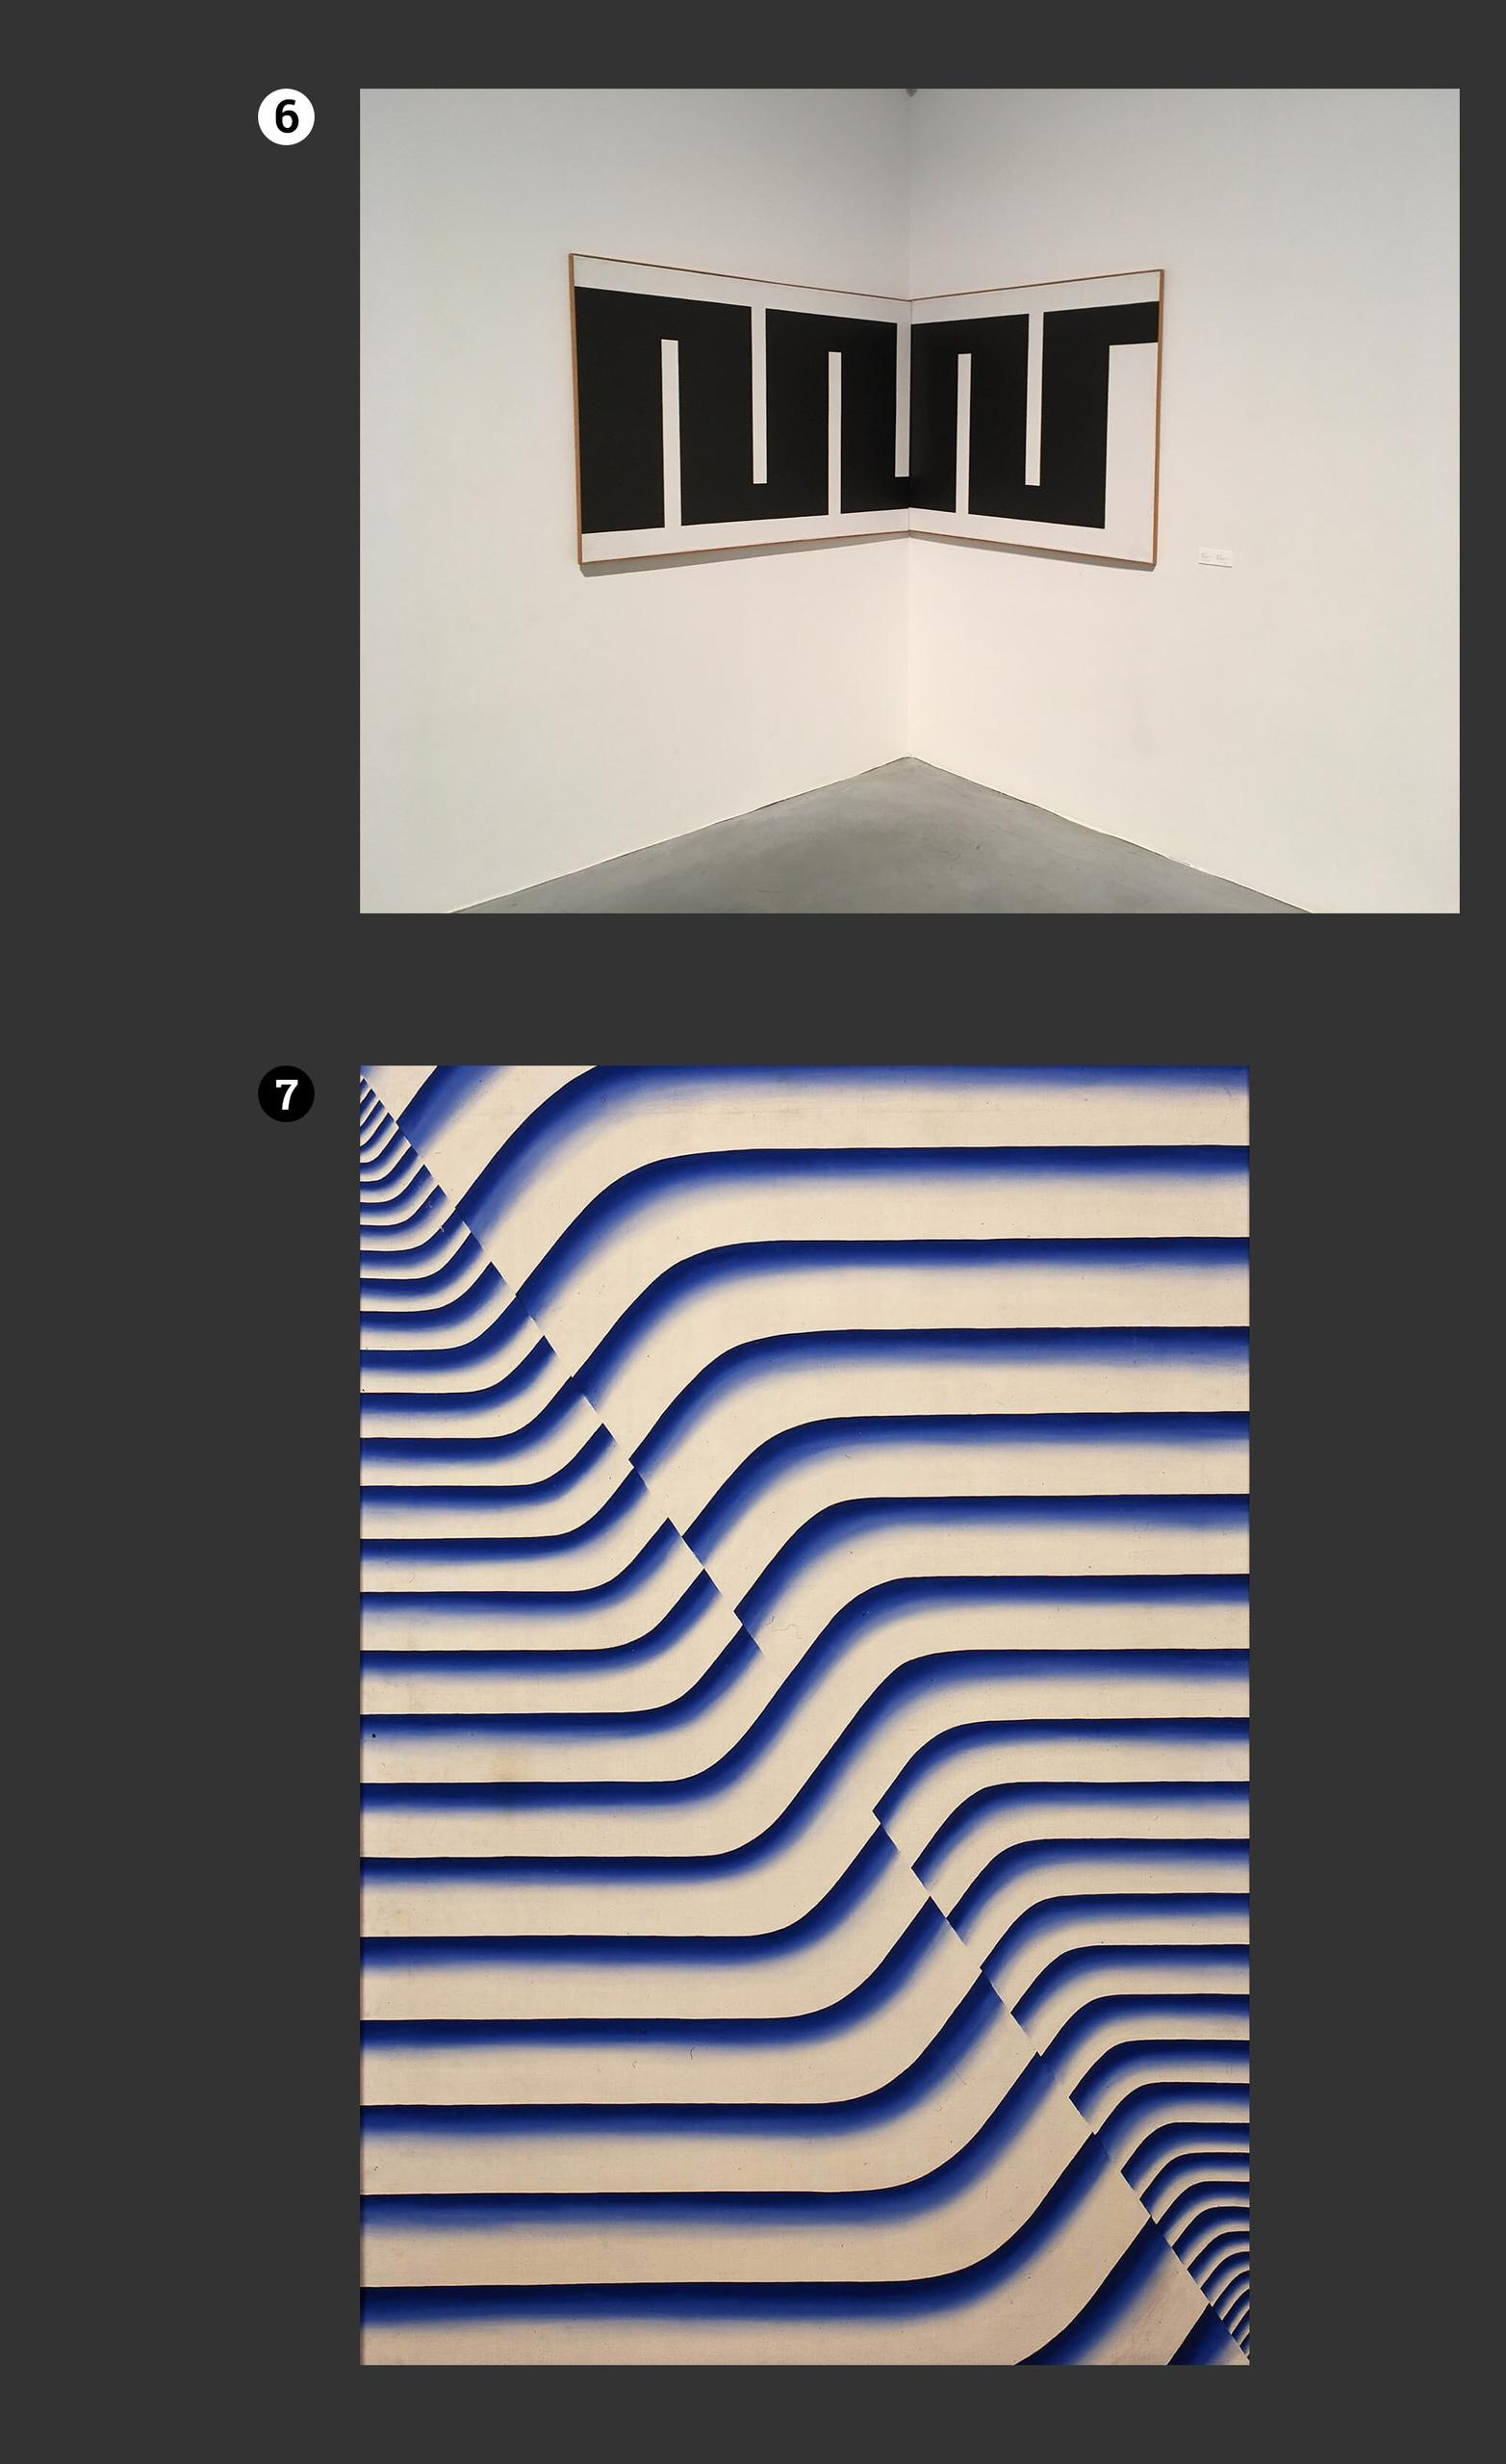 Obraz przedstawia fotografie dwóch obrazów znanych artystów. Wszystko na ciemno-szarym tle.